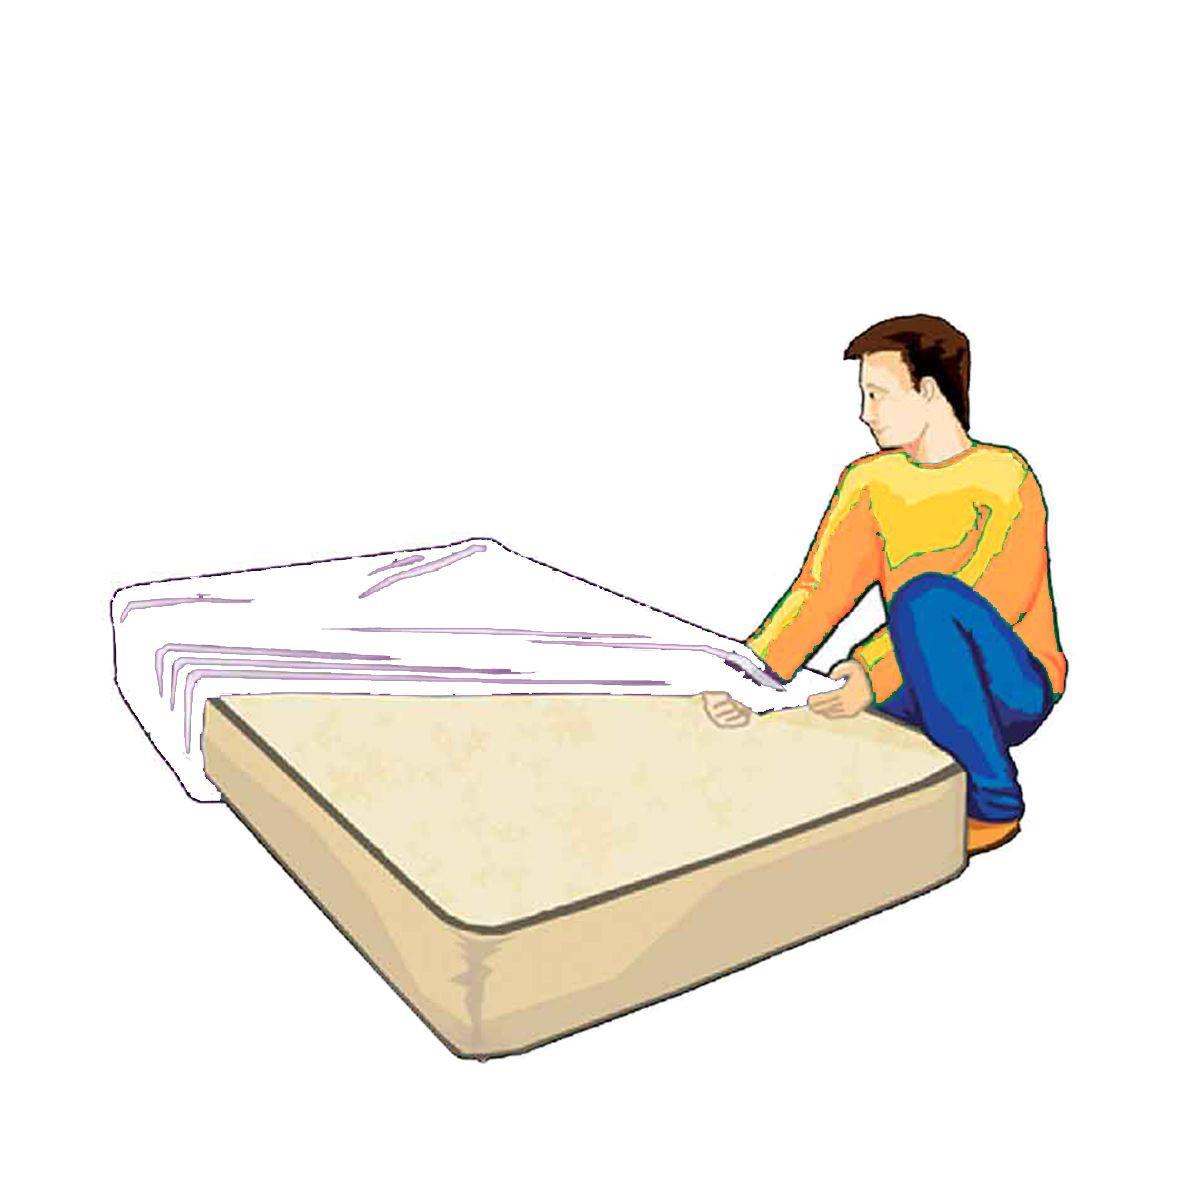 housse de protection pour matelas 2 places 100 microns. Black Bedroom Furniture Sets. Home Design Ideas